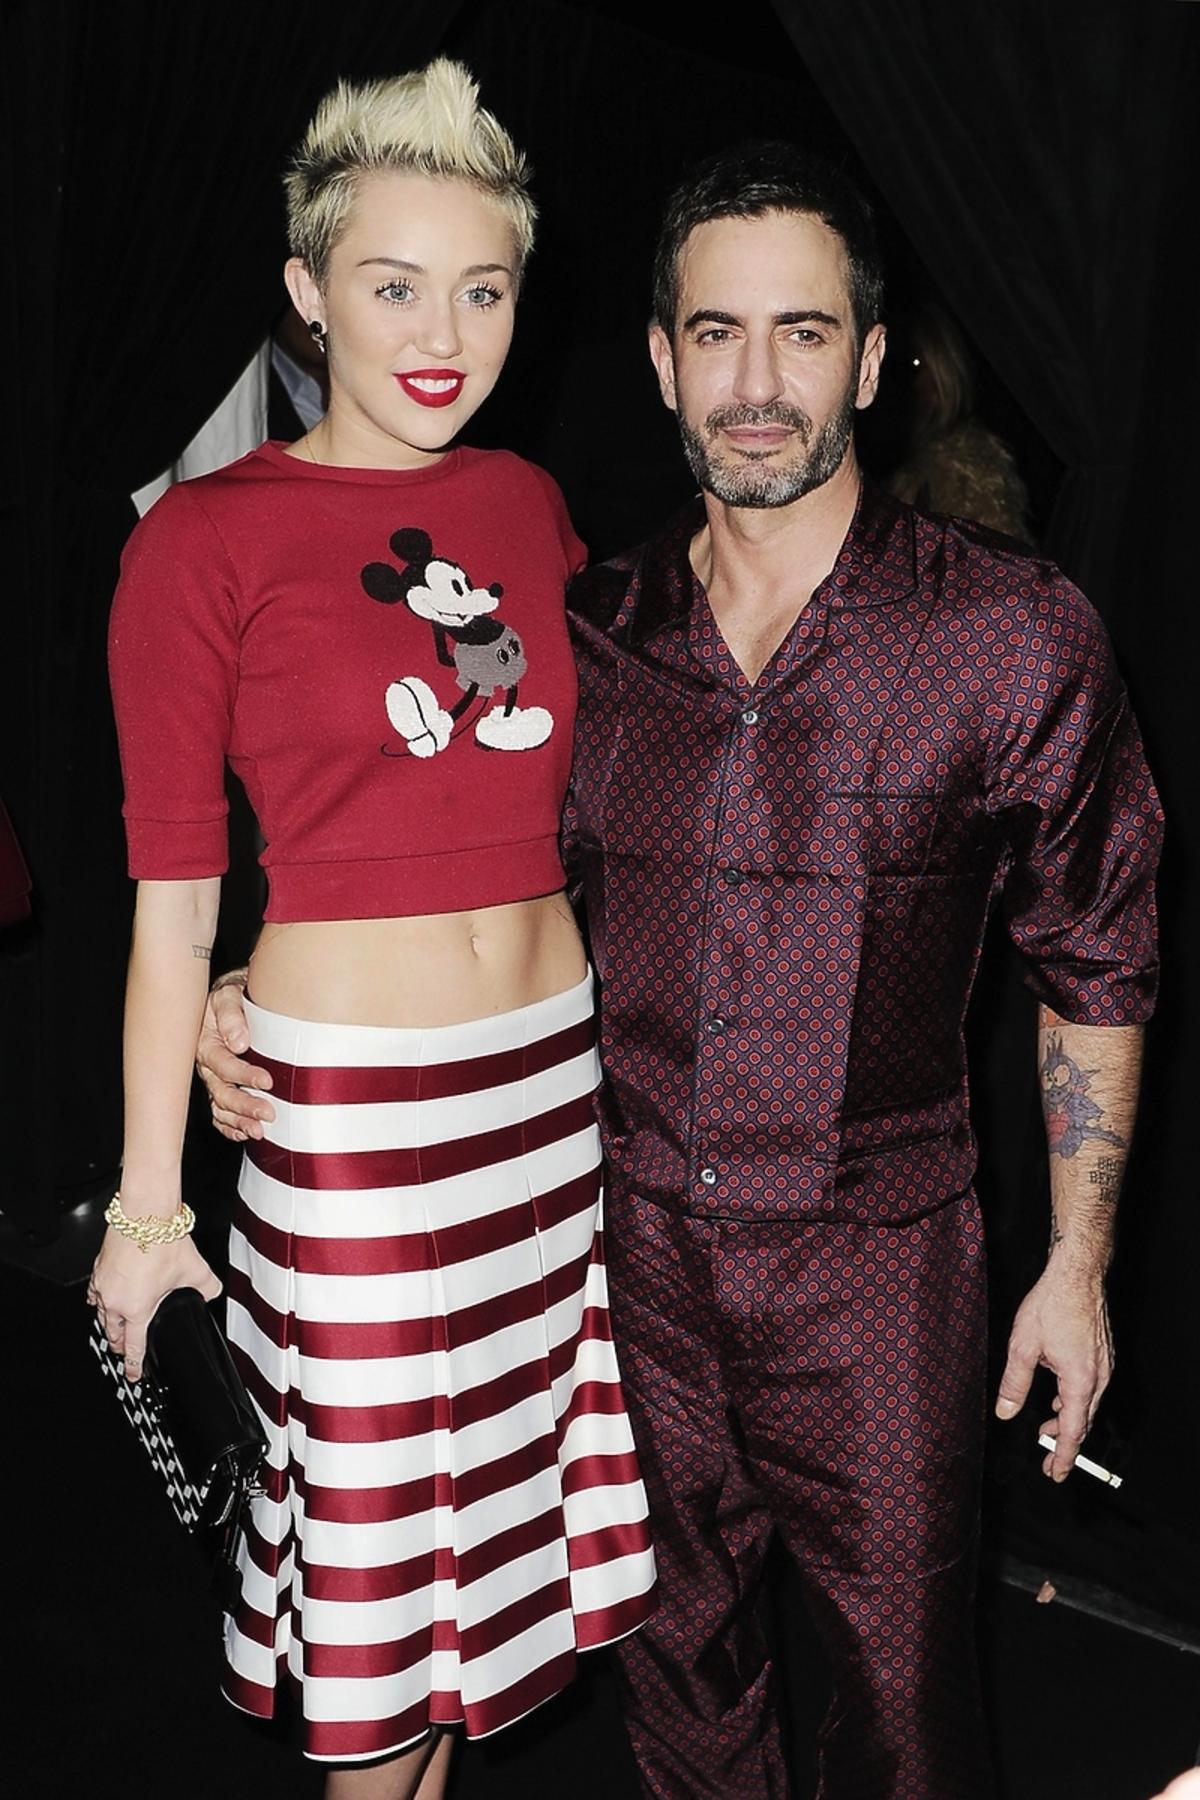 Miley Cyrus w czerwonej bluzce z Myszką Miki i spódnicy w paski